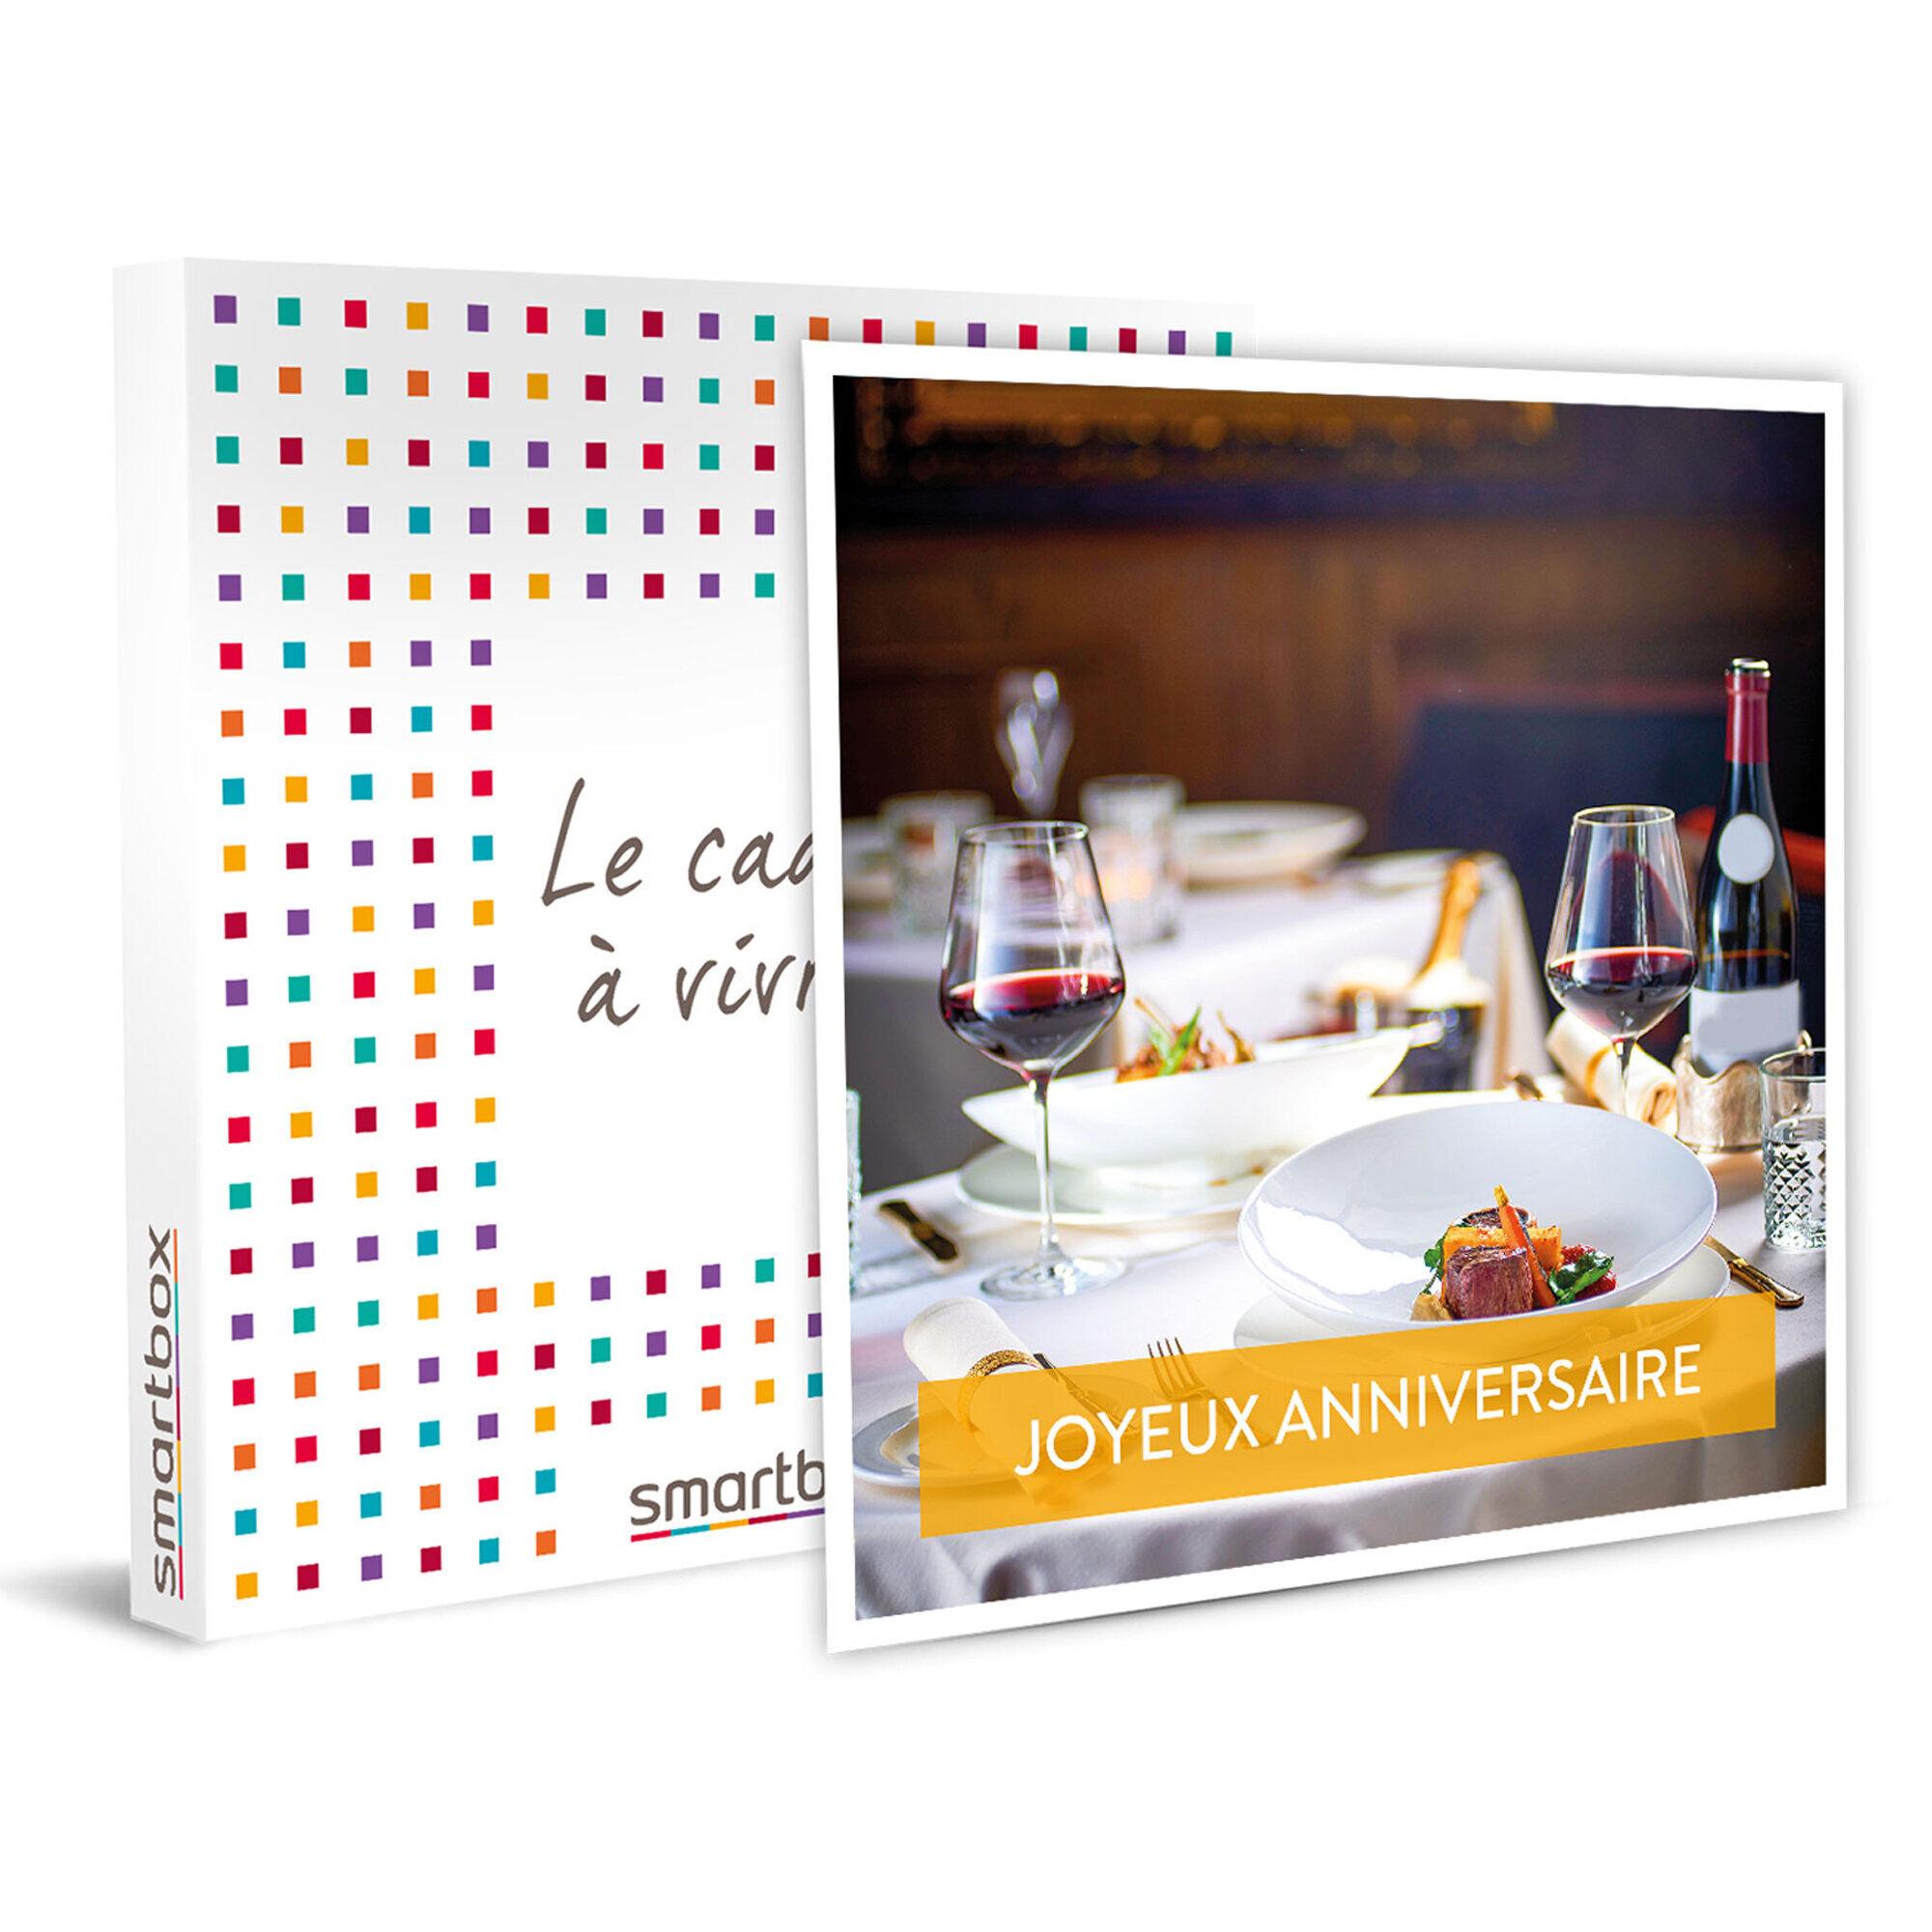 Smartbox Dîner d'anniversaire gastronomique en France avec vin compris Coffret cadeau Smartbox